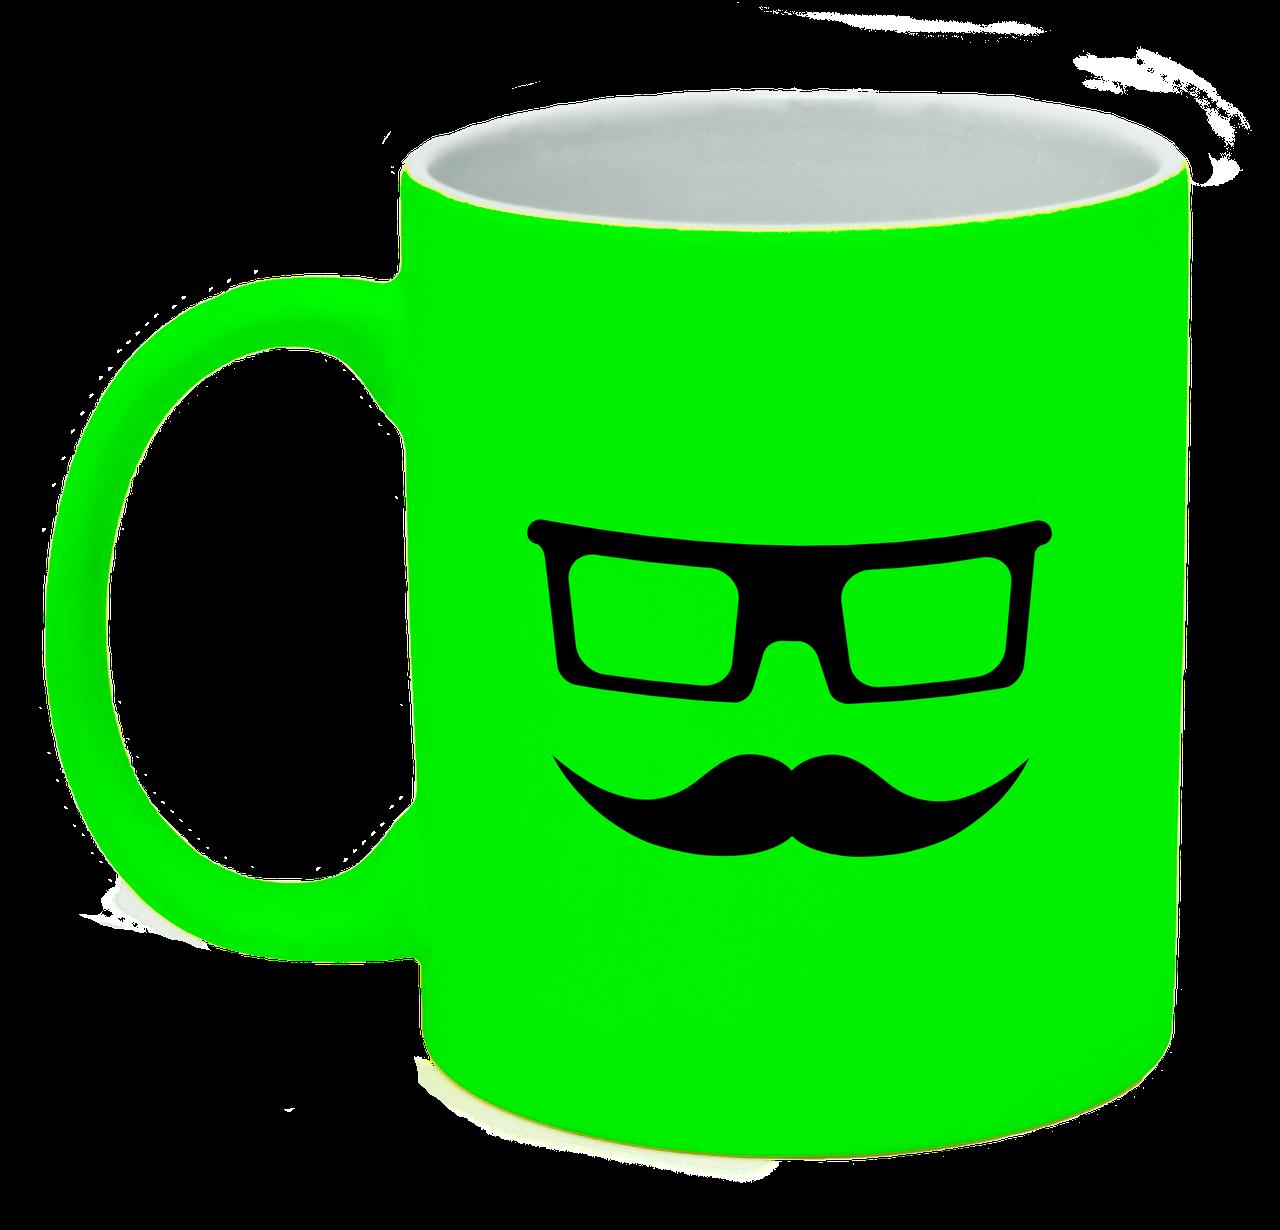 Неоновая матовая чашка Очки и усы, ярко-зеленая